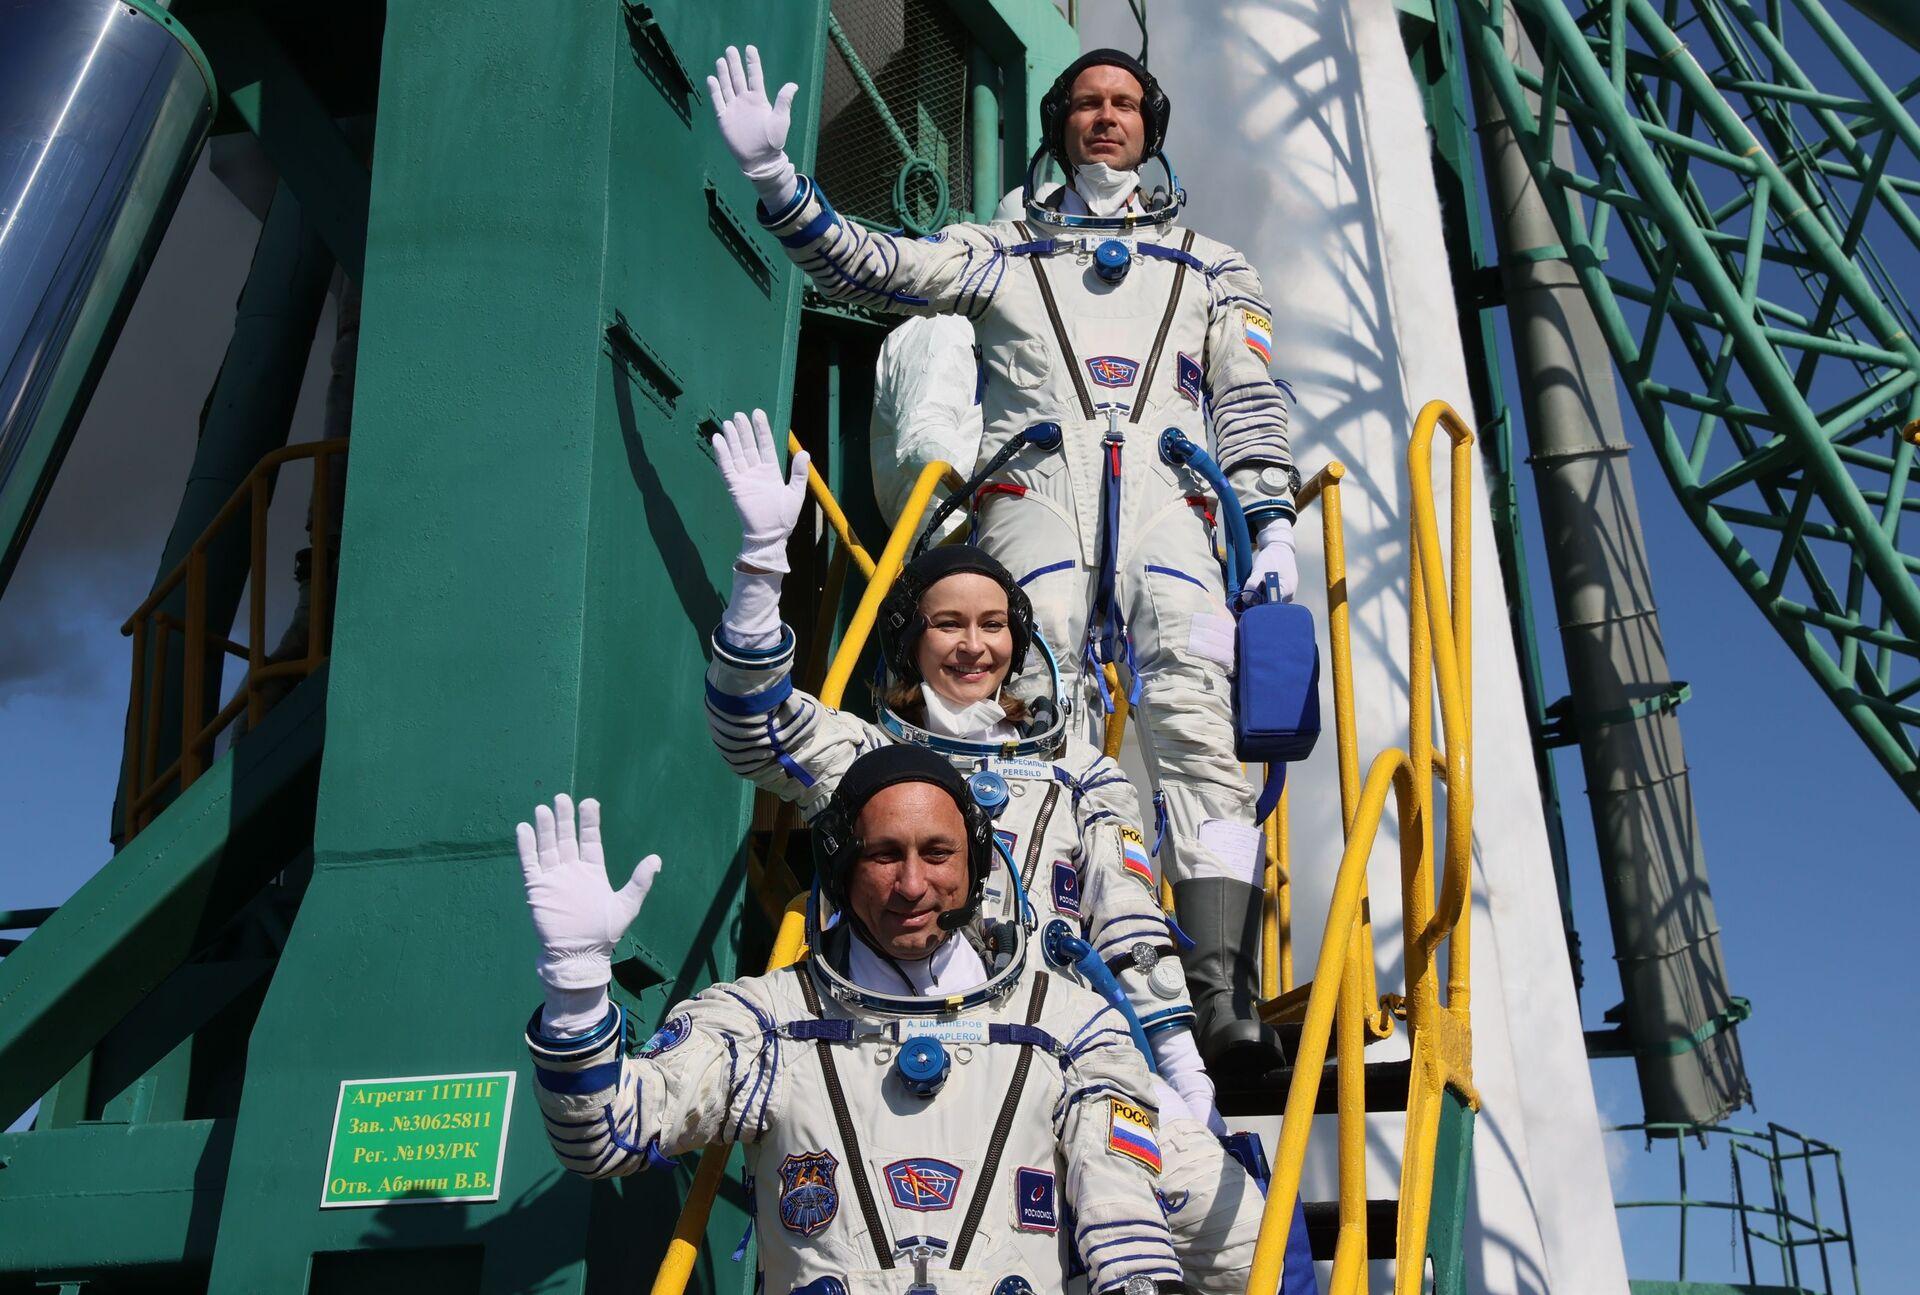 Các thành viên của phi hành đoàn chính của chuyến thám hiểm thứ 66 tới Trạm vũ trụ quốc tế trước khi phóng tàu vũ trụ Soyuz MS-19 - Sputnik Việt Nam, 1920, 05.10.2021